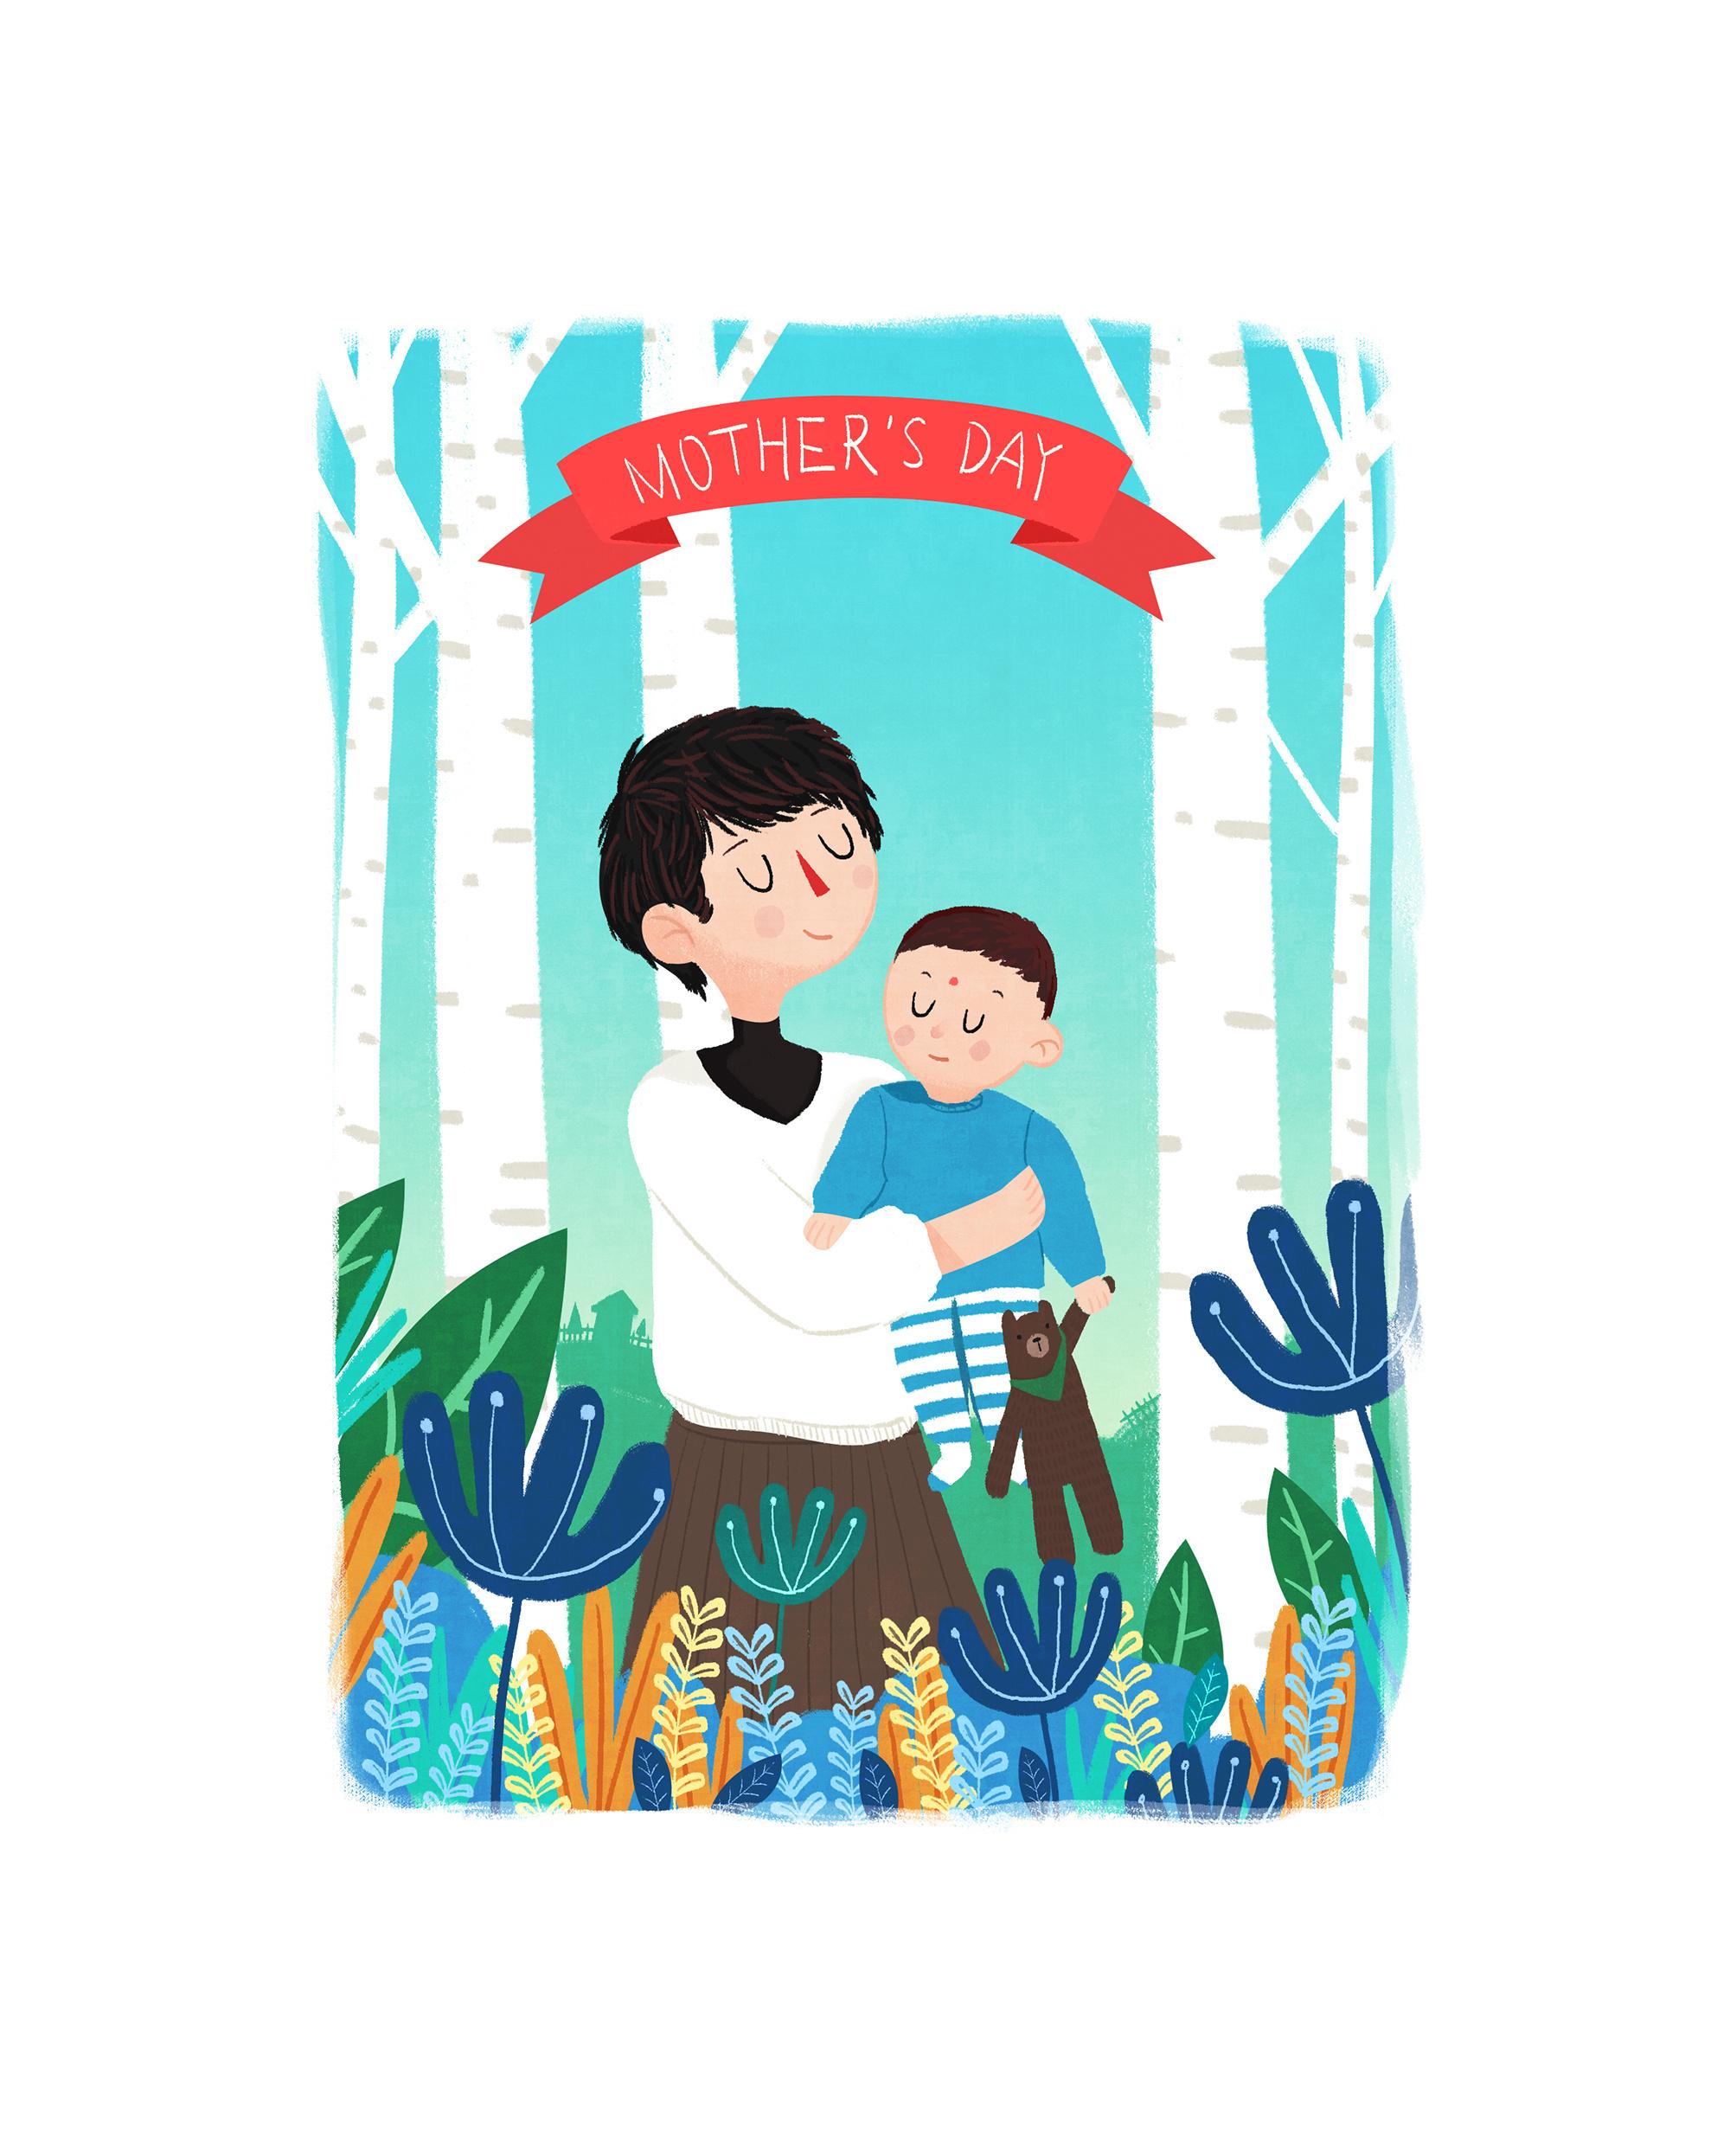 海上钢琴师 大鱼海棠 近期晚上画的插画